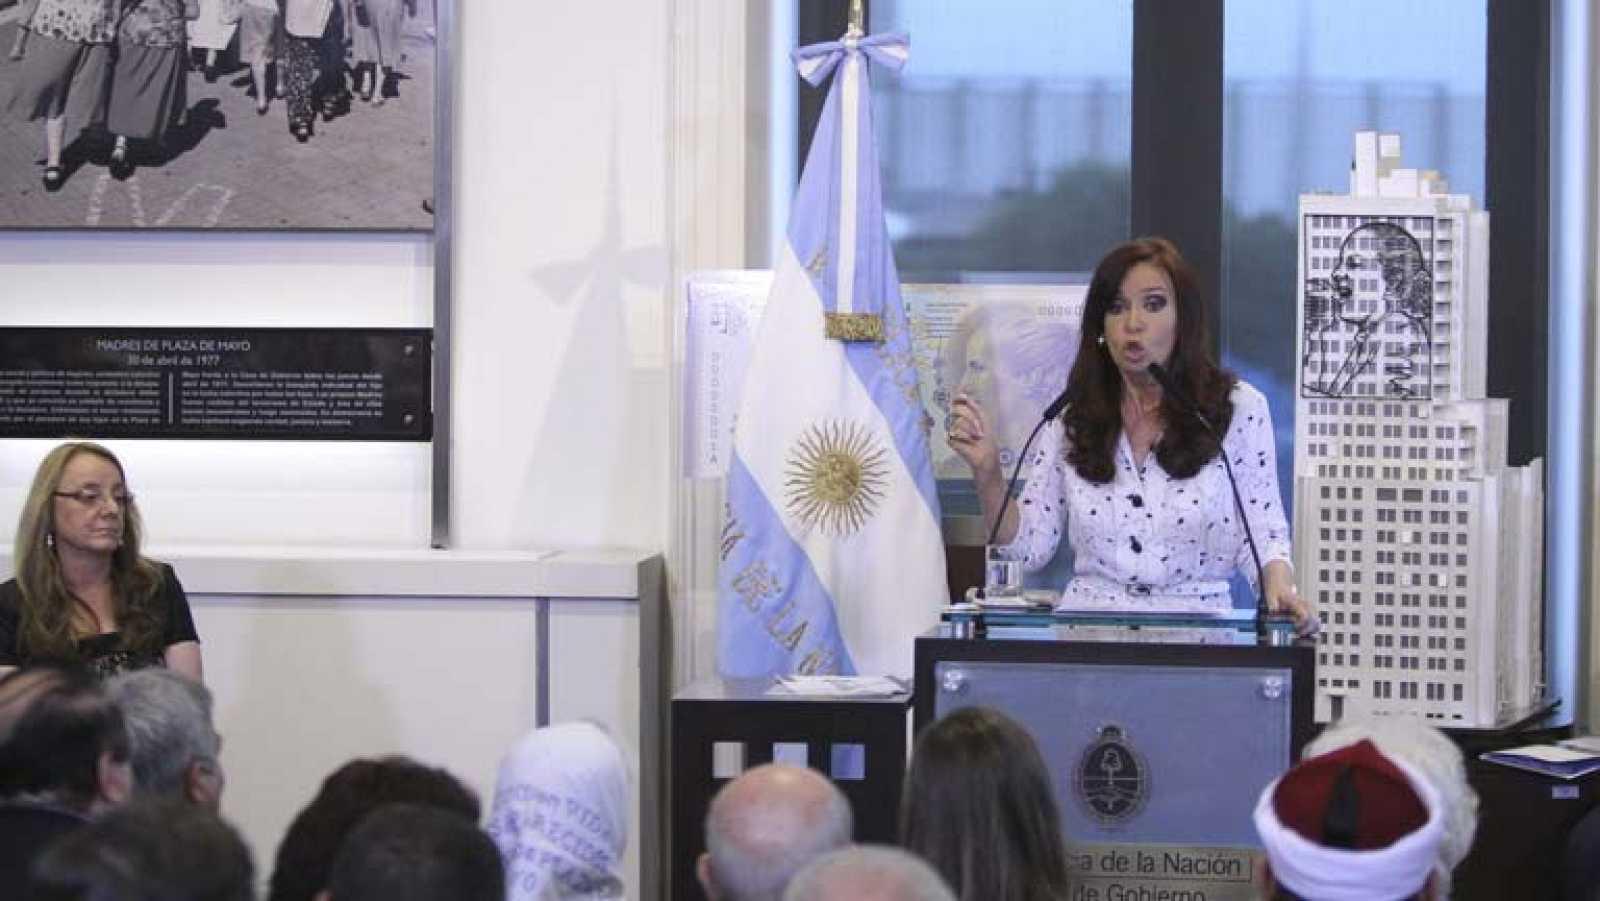 Primera aparición en público en un mes de Cristina Fernández